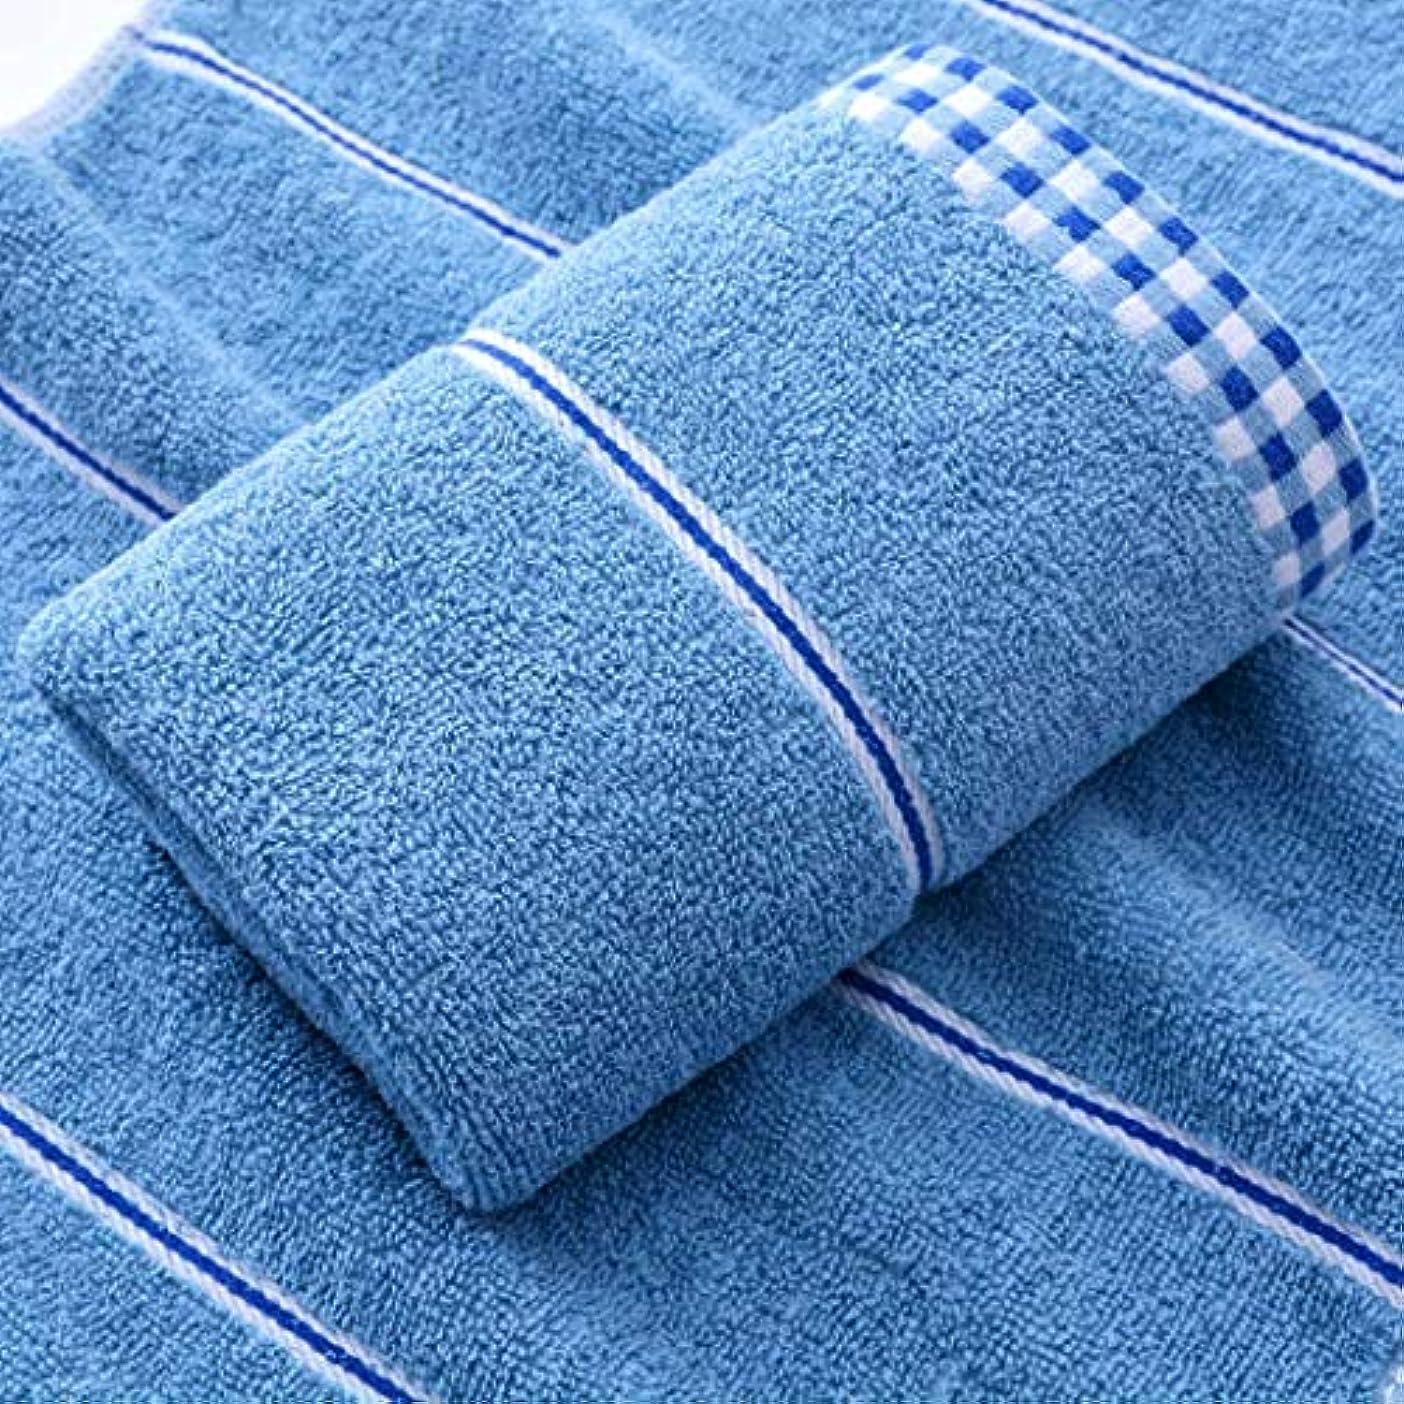 り瞑想ペダルファッション高級スーパーソフトコットンタオルと速乾性タオル,Blue,33*73cm